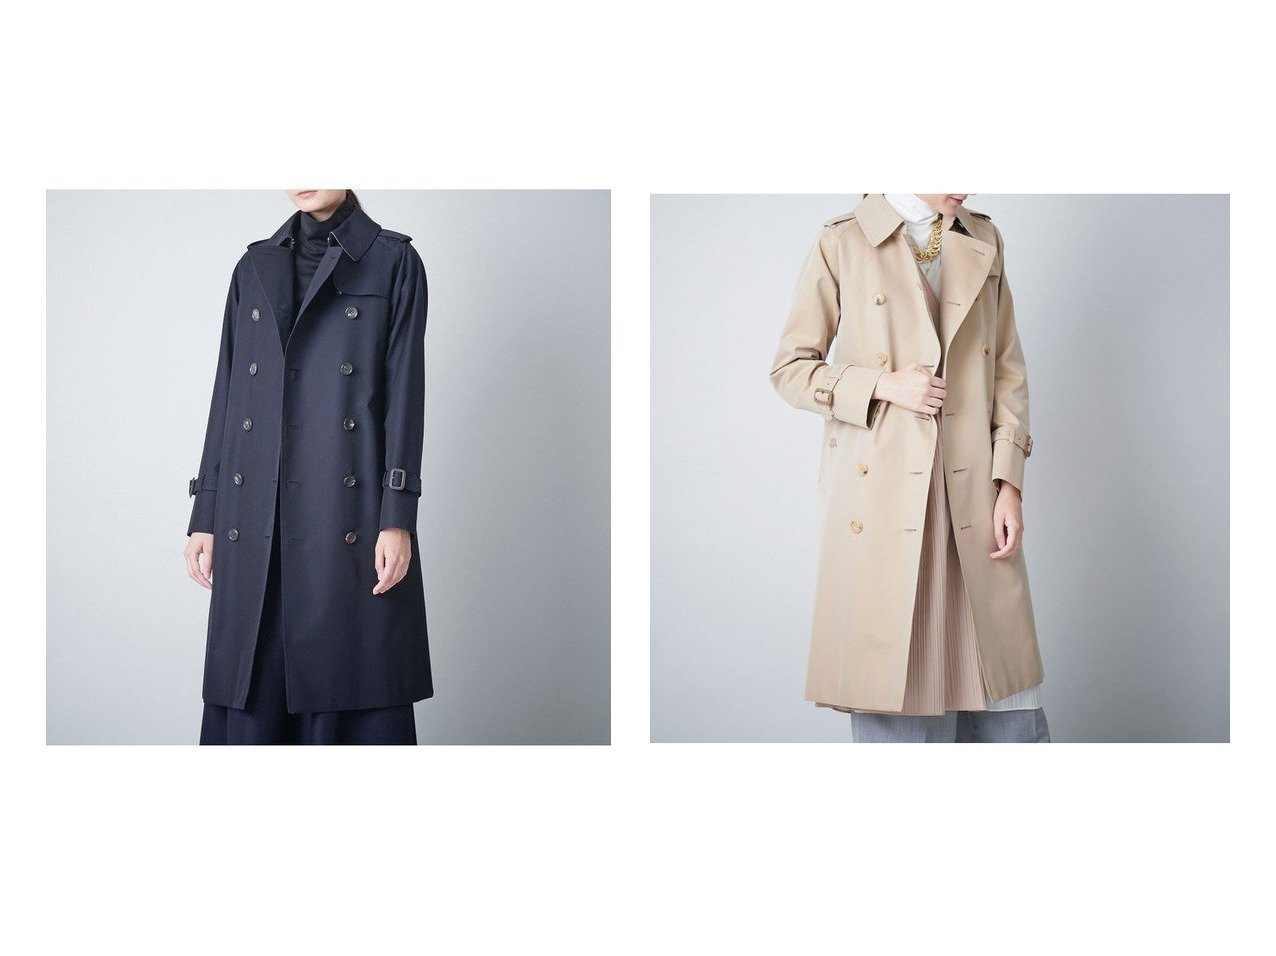 【SANYO COAT/サンヨーコート】のクラシックトレンチコート(三陽格子) 【アウター】おすすめ!人気、トレンド・レディースファッションの通販  おすすめで人気の流行・トレンド、ファッションの通販商品 メンズファッション・キッズファッション・インテリア・家具・レディースファッション・服の通販 founy(ファニー) https://founy.com/ ファッション Fashion レディースファッション WOMEN アウター Coat Outerwear コート Coats トレンチコート Trench Coats エレガント クラシック スタンダード プリーツ ポケット ライナー |ID:crp329100000032165